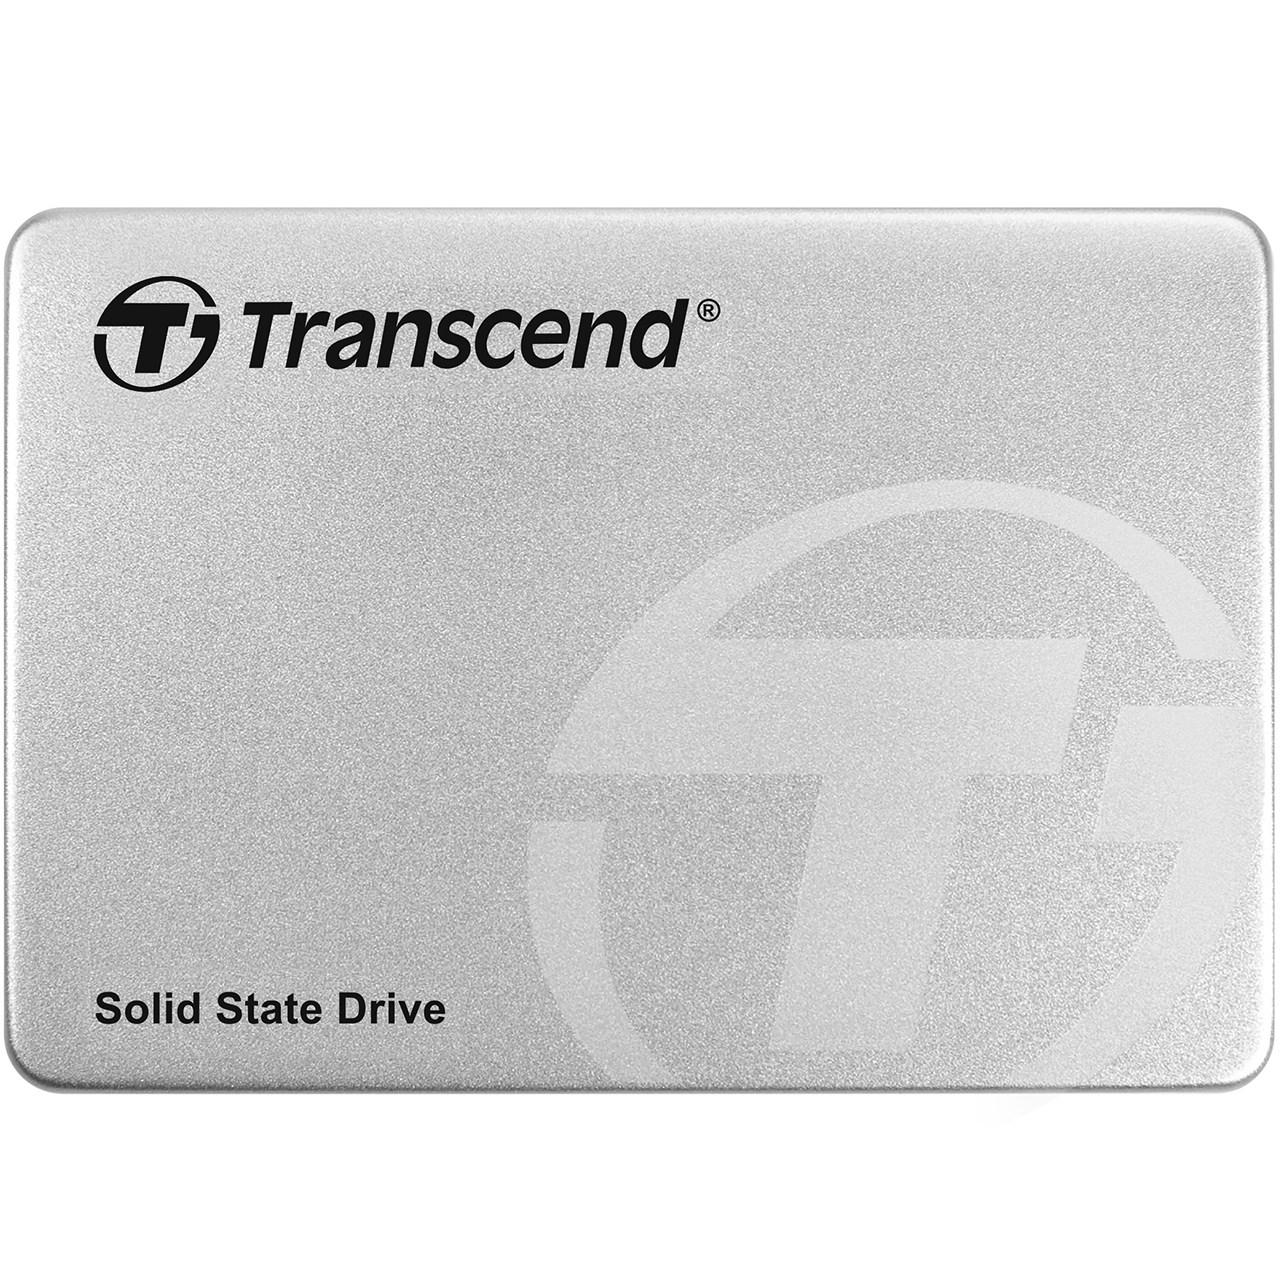 حافظه SSD اینترنال ترنسند مدل SSD220S ظرفیت 240 گیگابایت